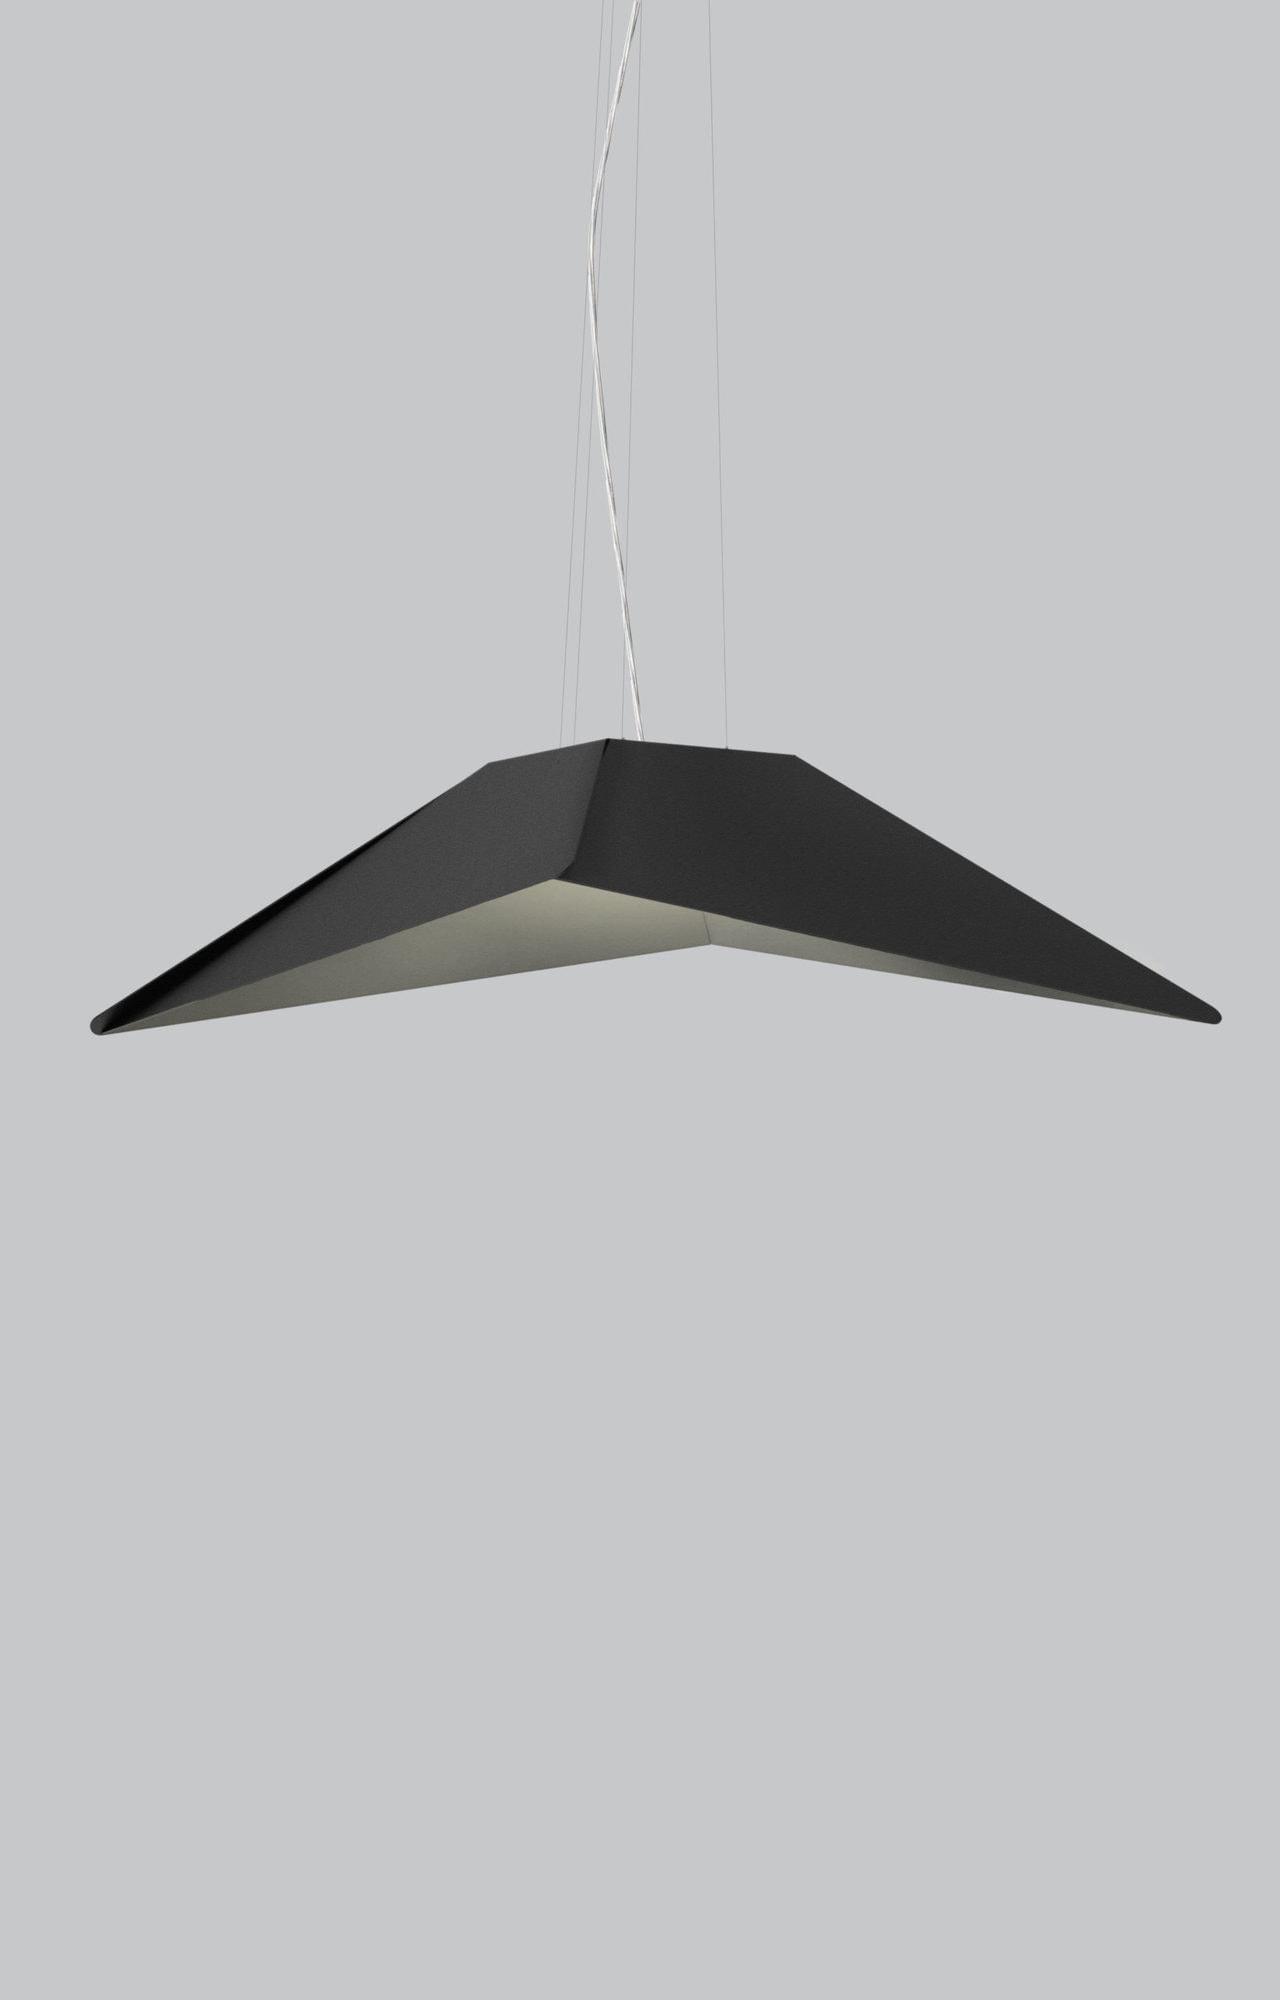 Eureka Sail OLED Fixture Black